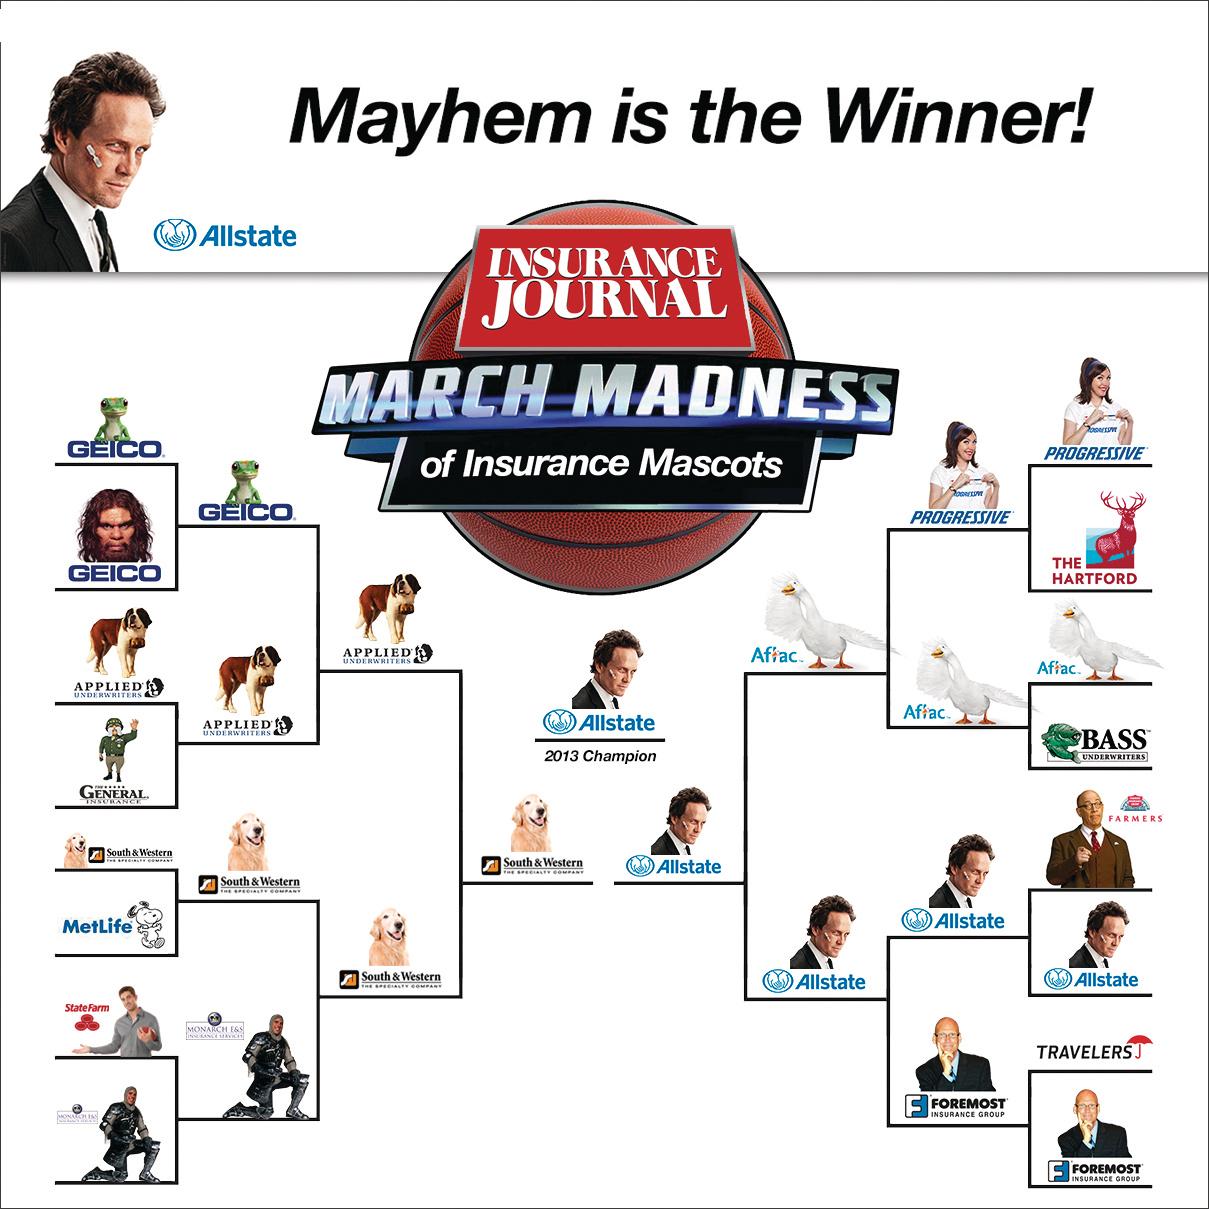 Mayhem Rules Insurance Journal S Mascot March Madness